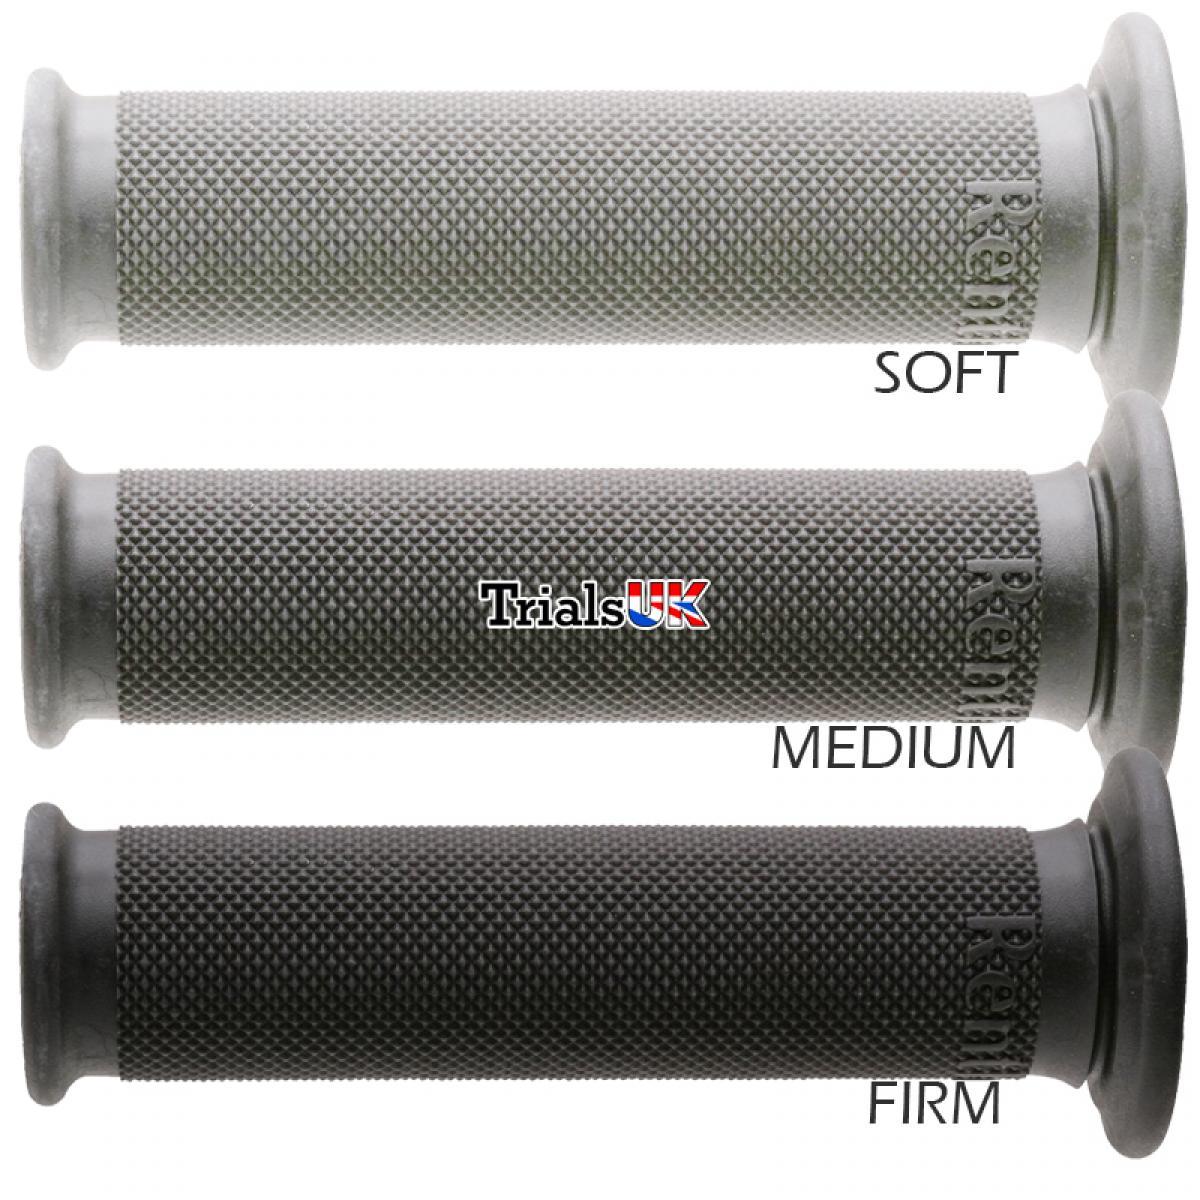 Trials//MX//Offroad Soft//Medium//Firm Compounds Renthal Grip Tech Trials Grips